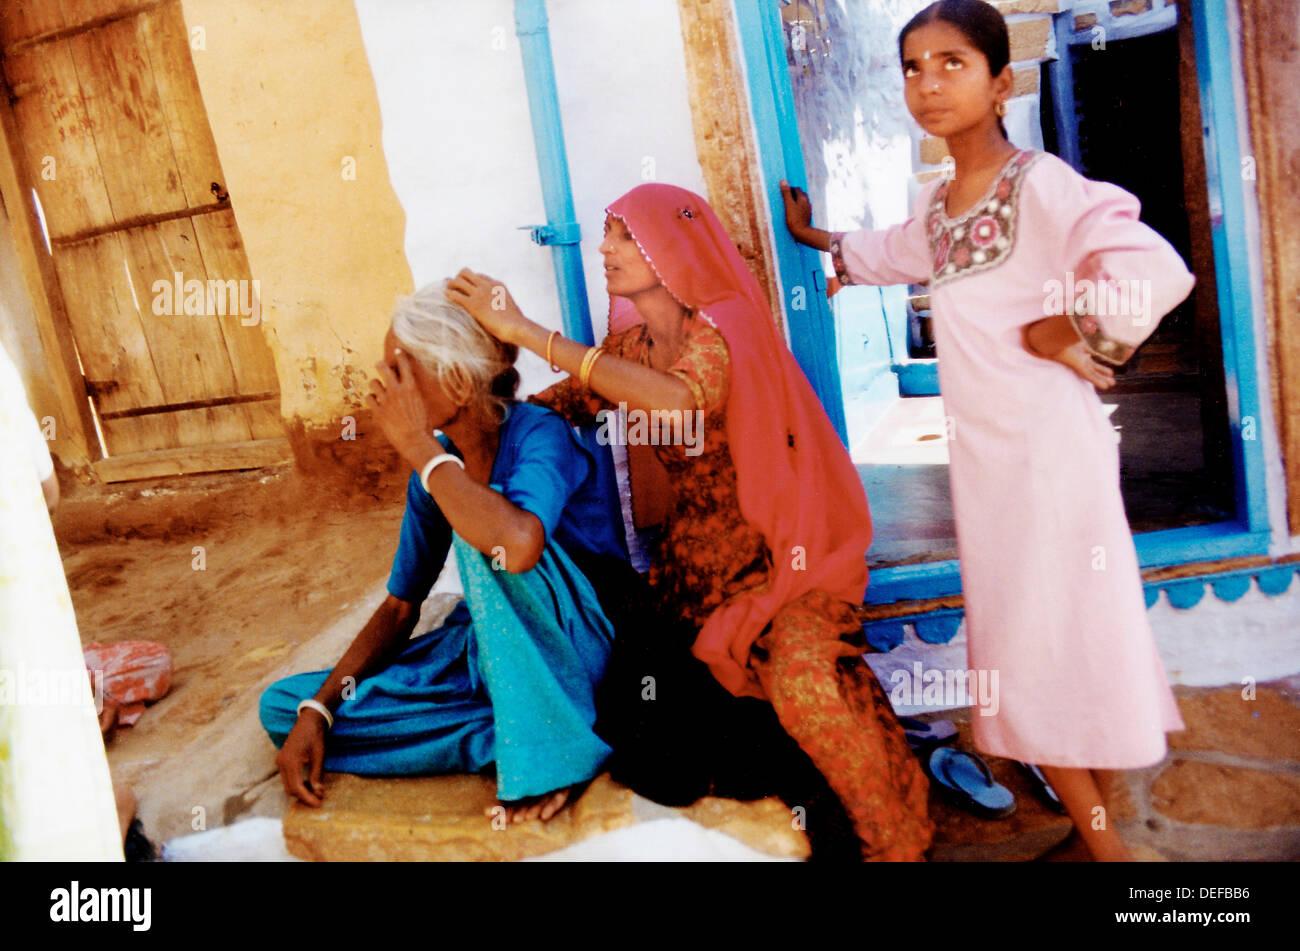 Trois génération de femmes indiennes. Jaisalmer. L'Inde Photo Stock